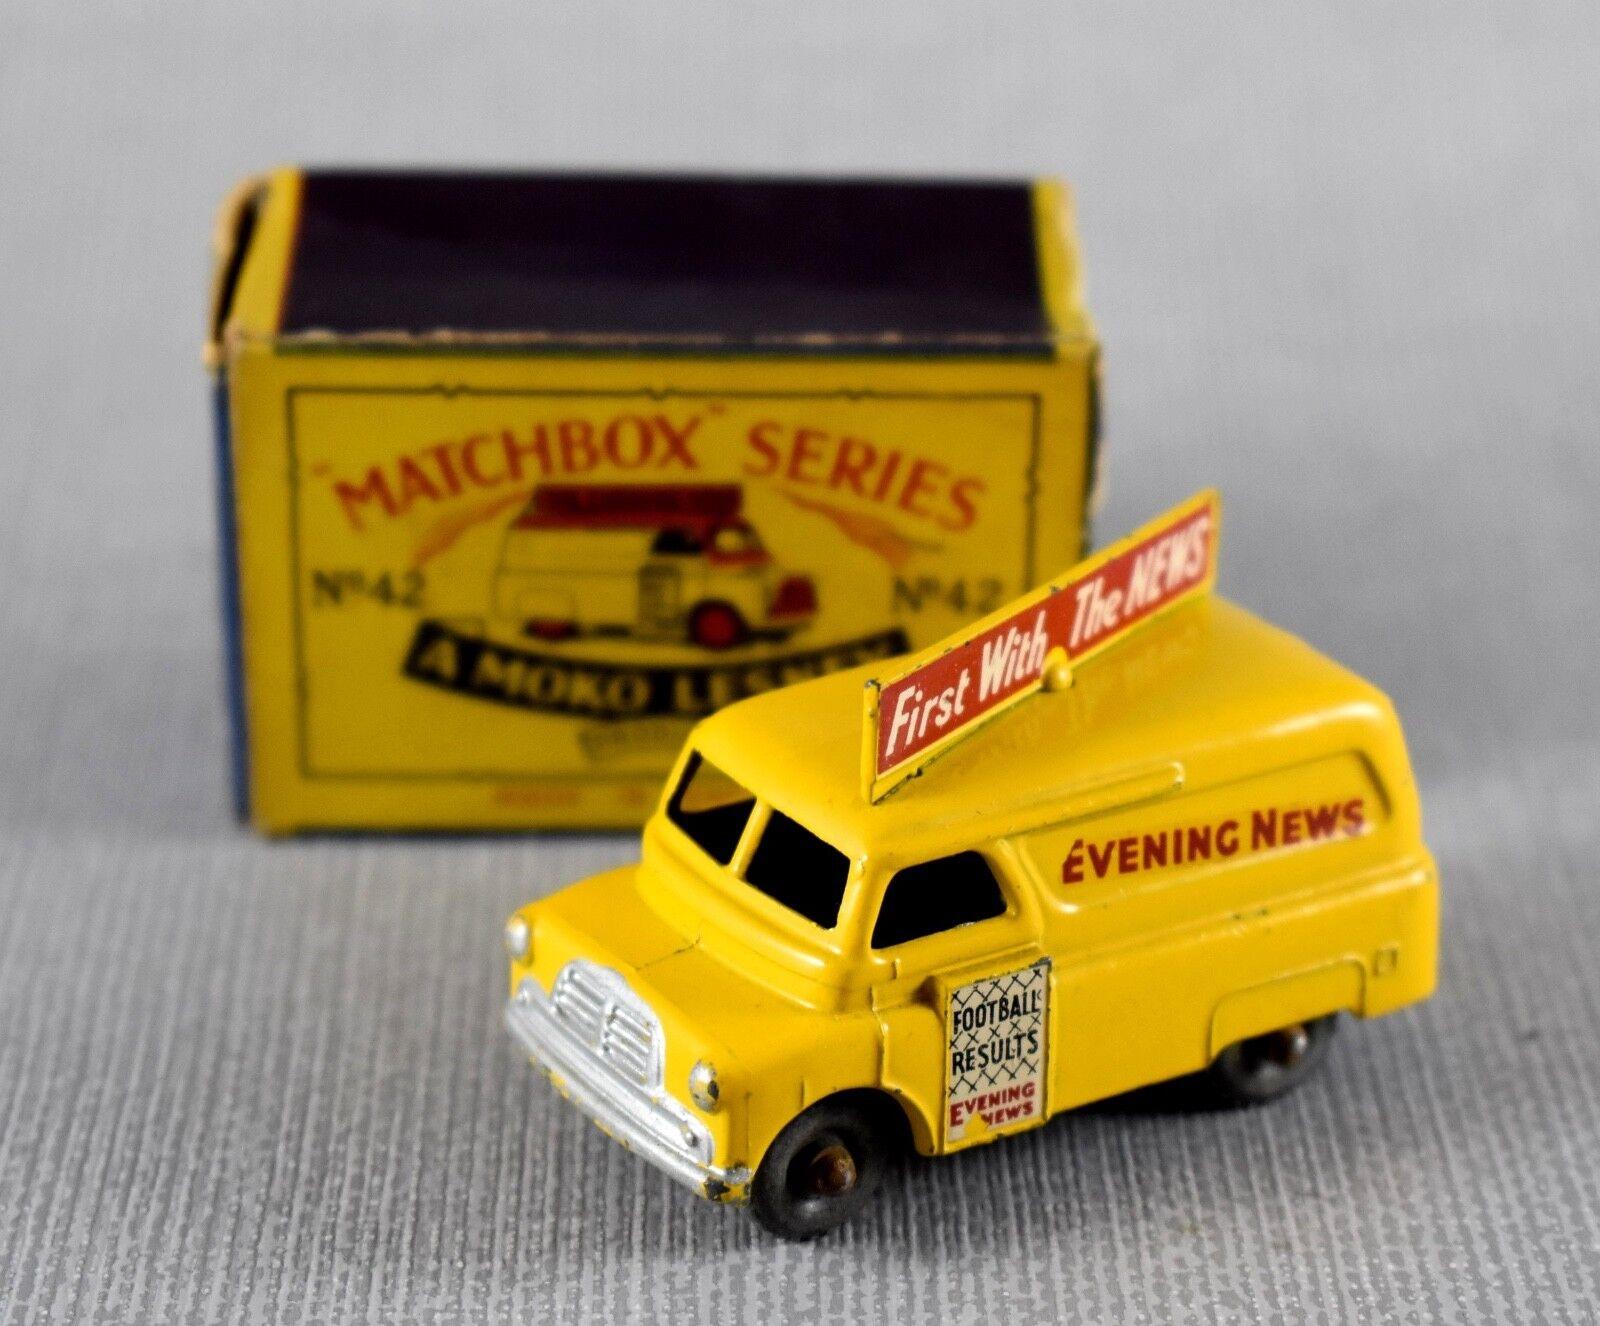 MATCHBOX 42a BEDFORD EVENING NEWS VAN (1957-1965)